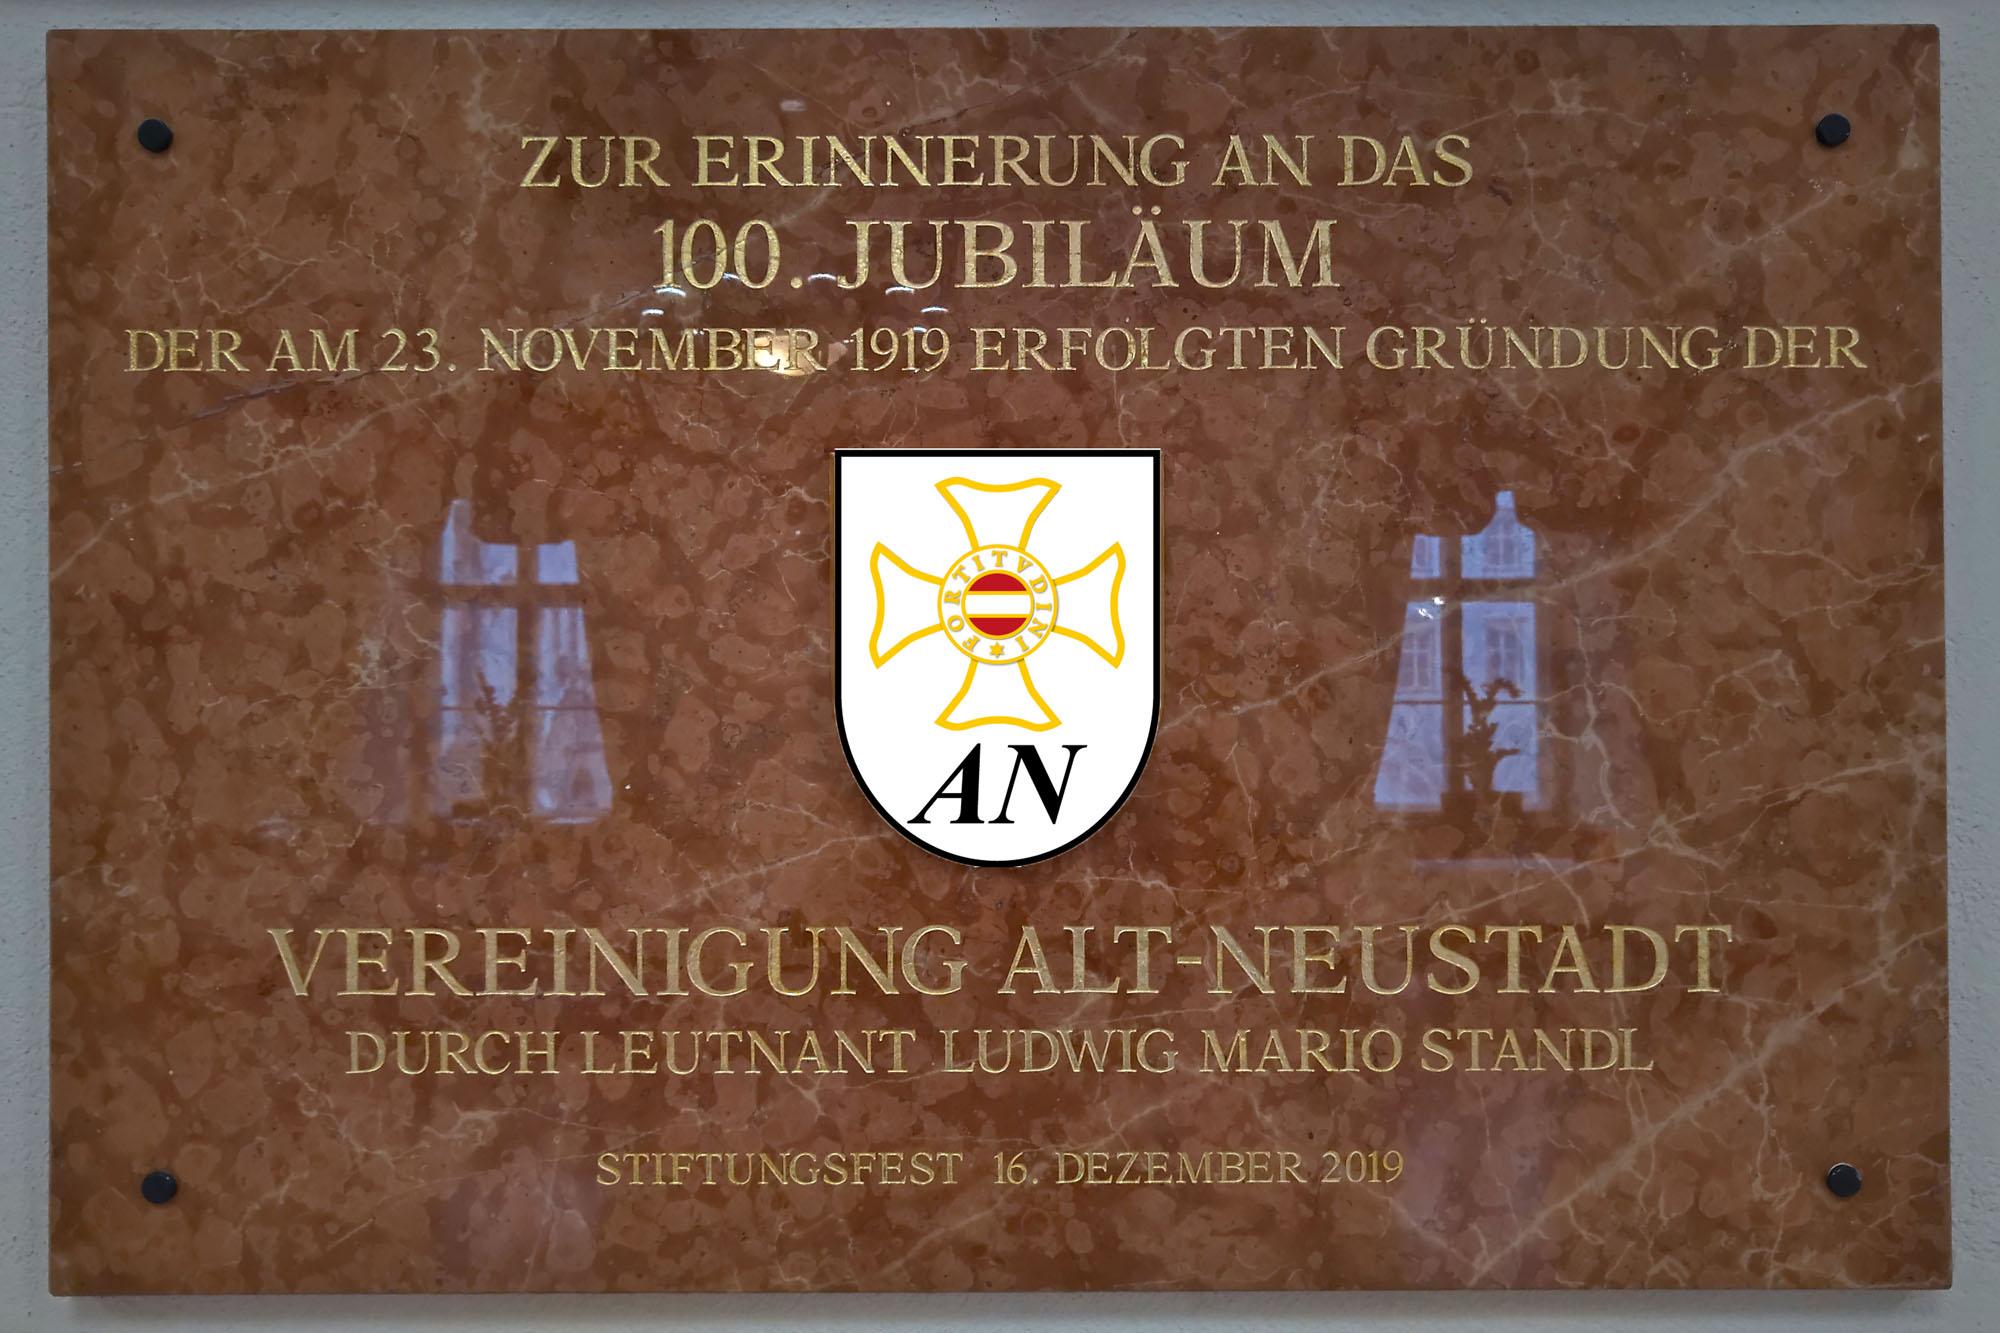 100 Jahre Alt-Neustadt und Stiftungsfest der TherMilAk